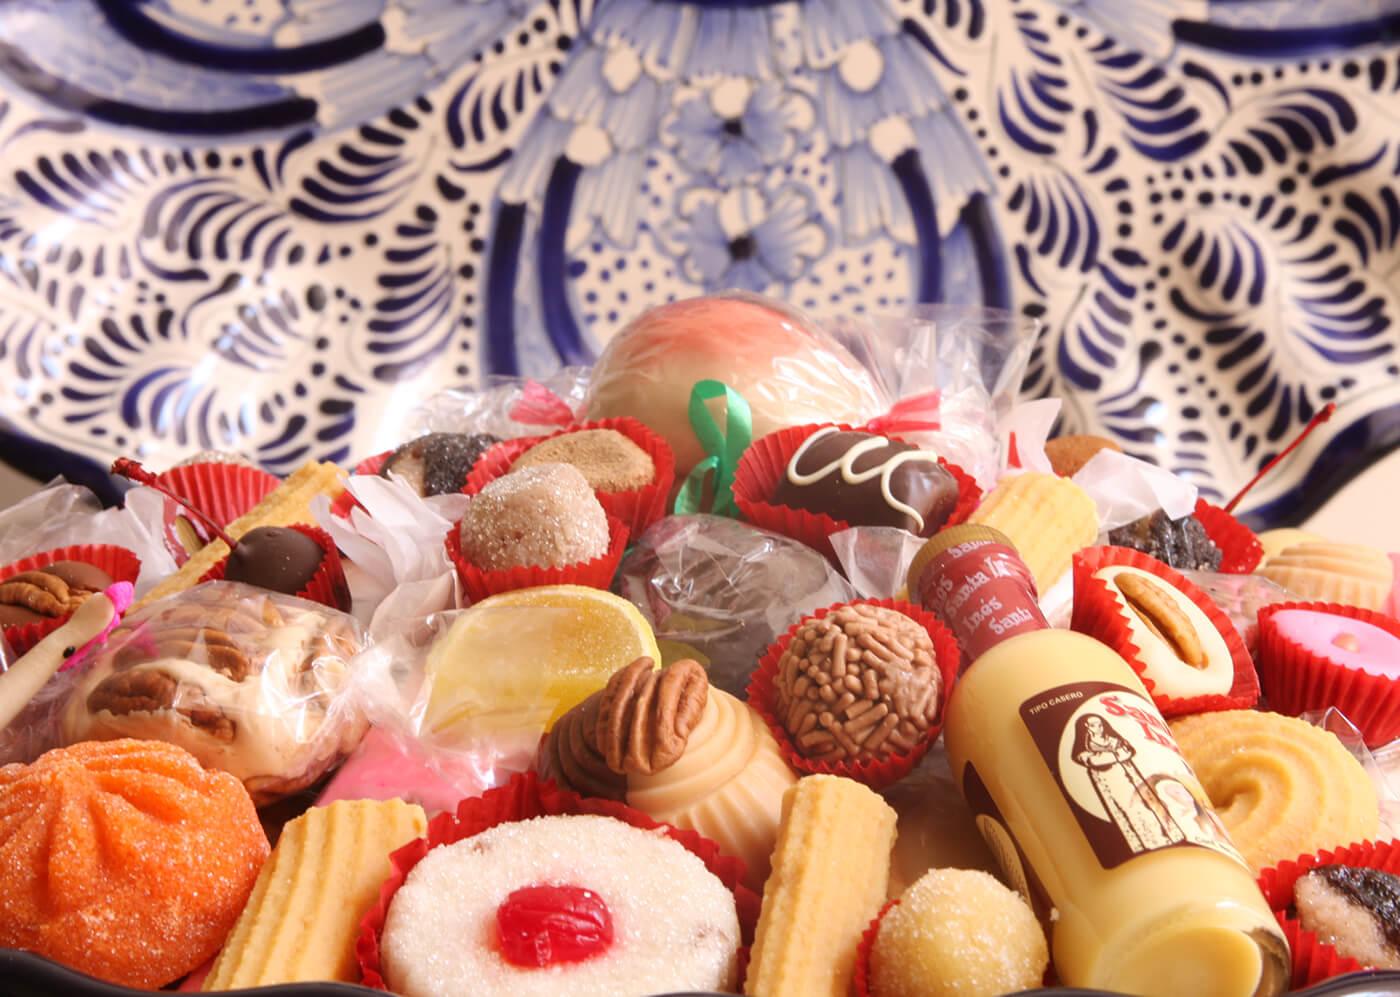 Dulces típicos de Puebla que puedes encontrar en la dulcería La Gran Fama